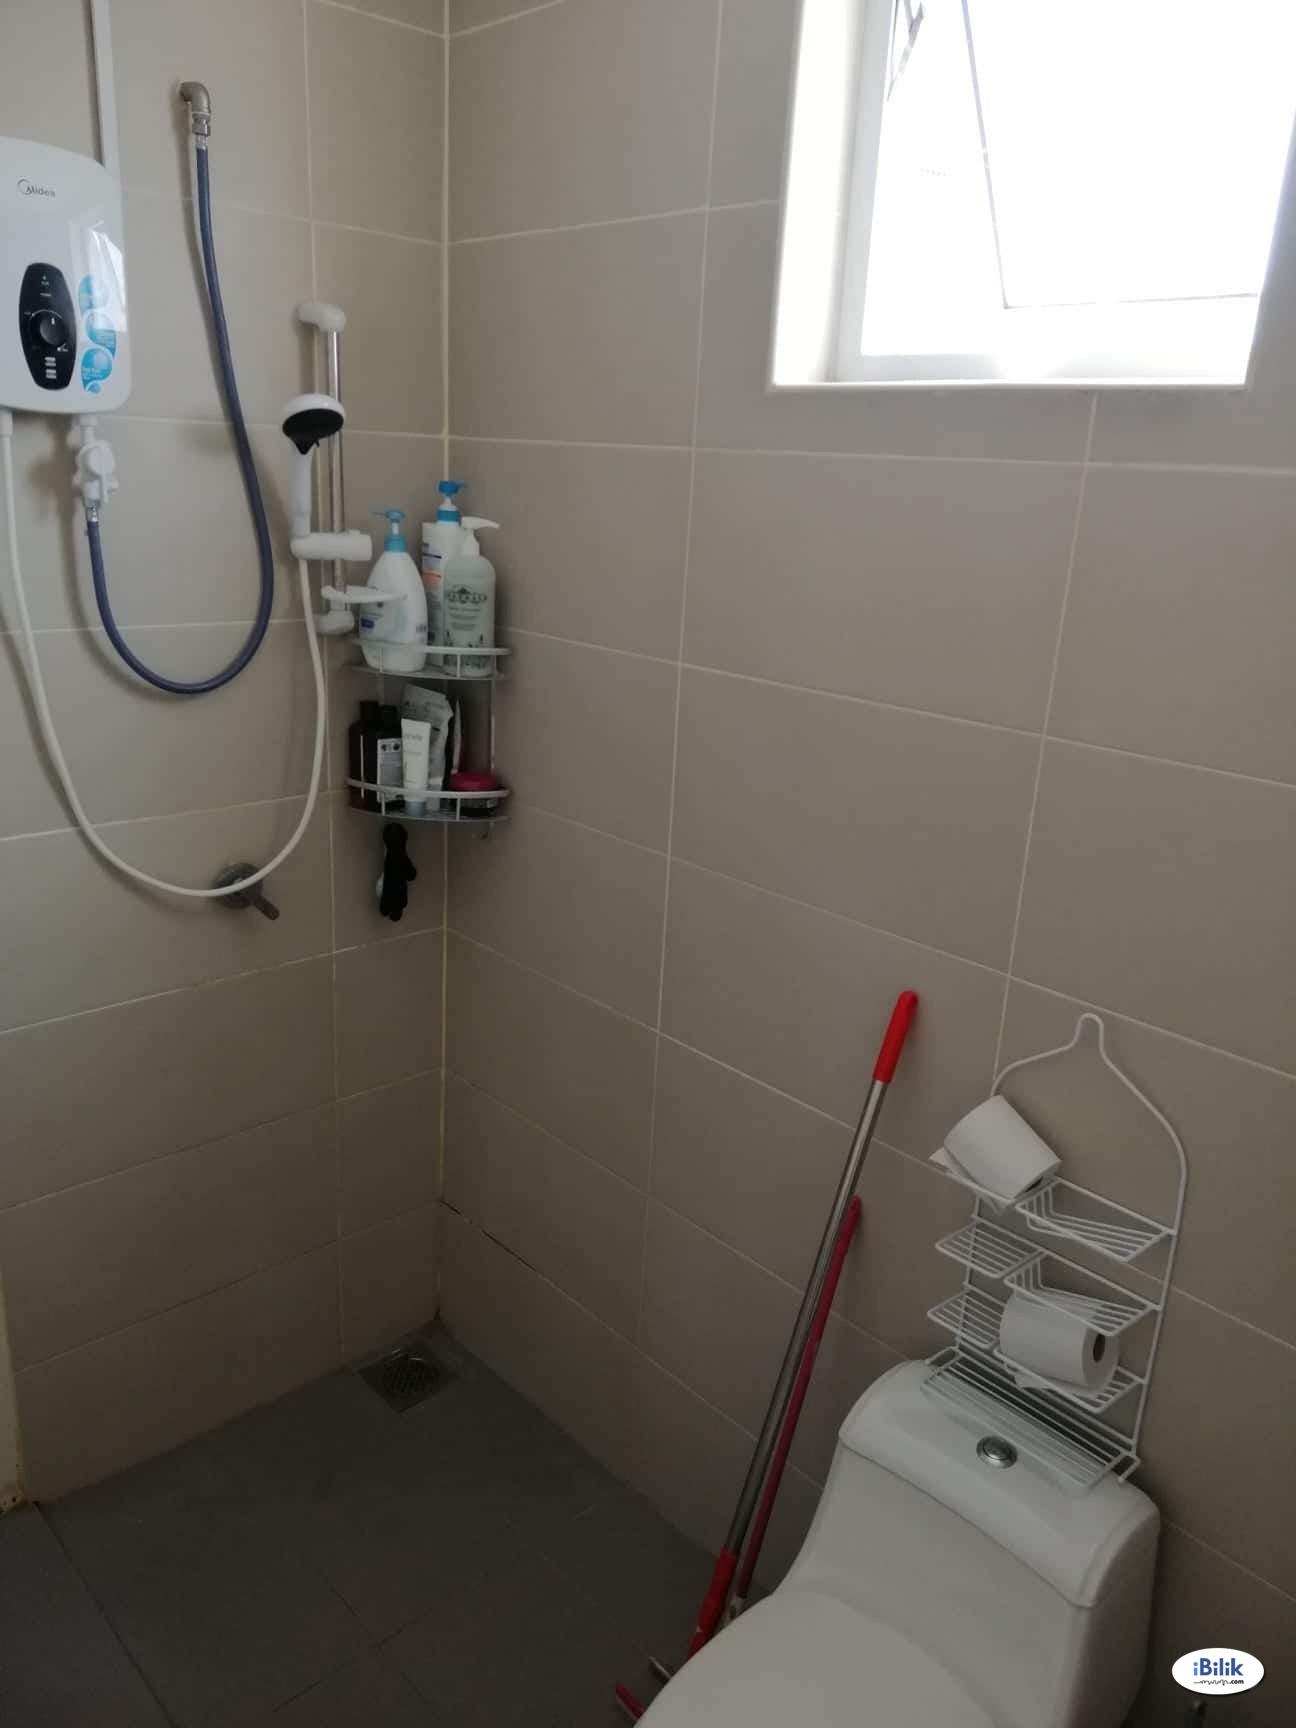 G&G Single Room with private bathroom at Bukit Mertajam, Seberang Perai